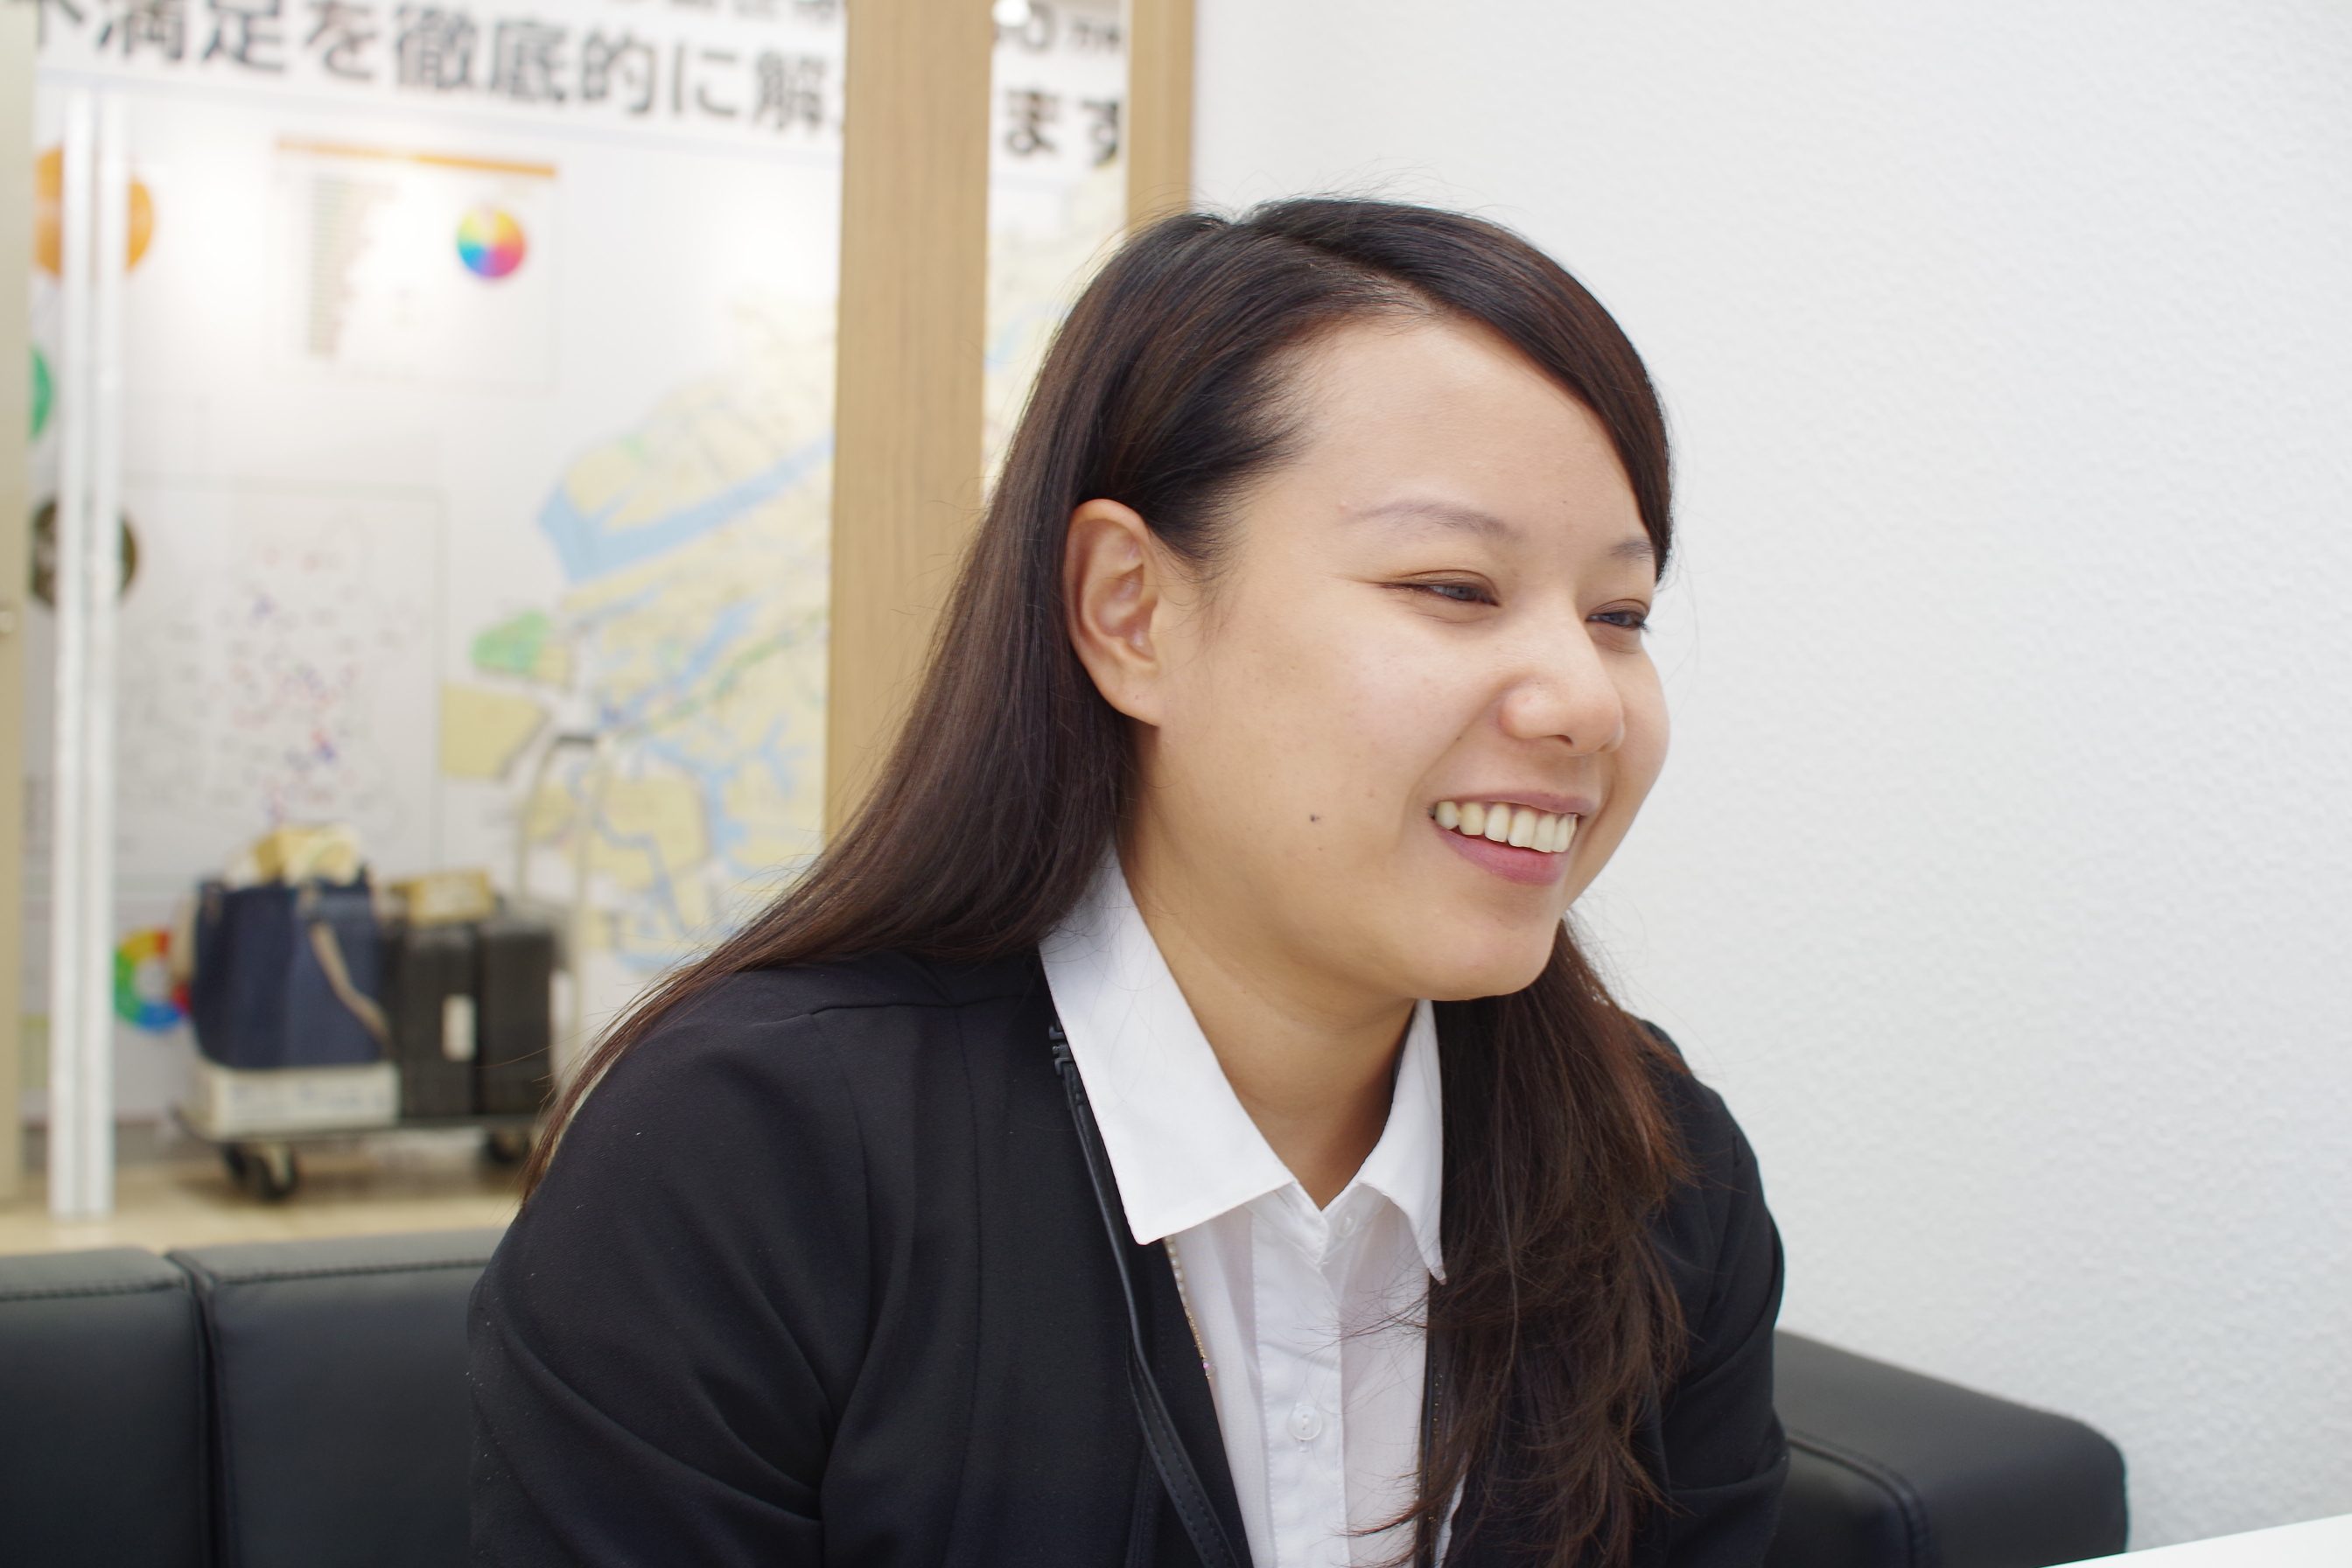 株式会社ForcusのIR・経理・ファイナンス担当の中村さん